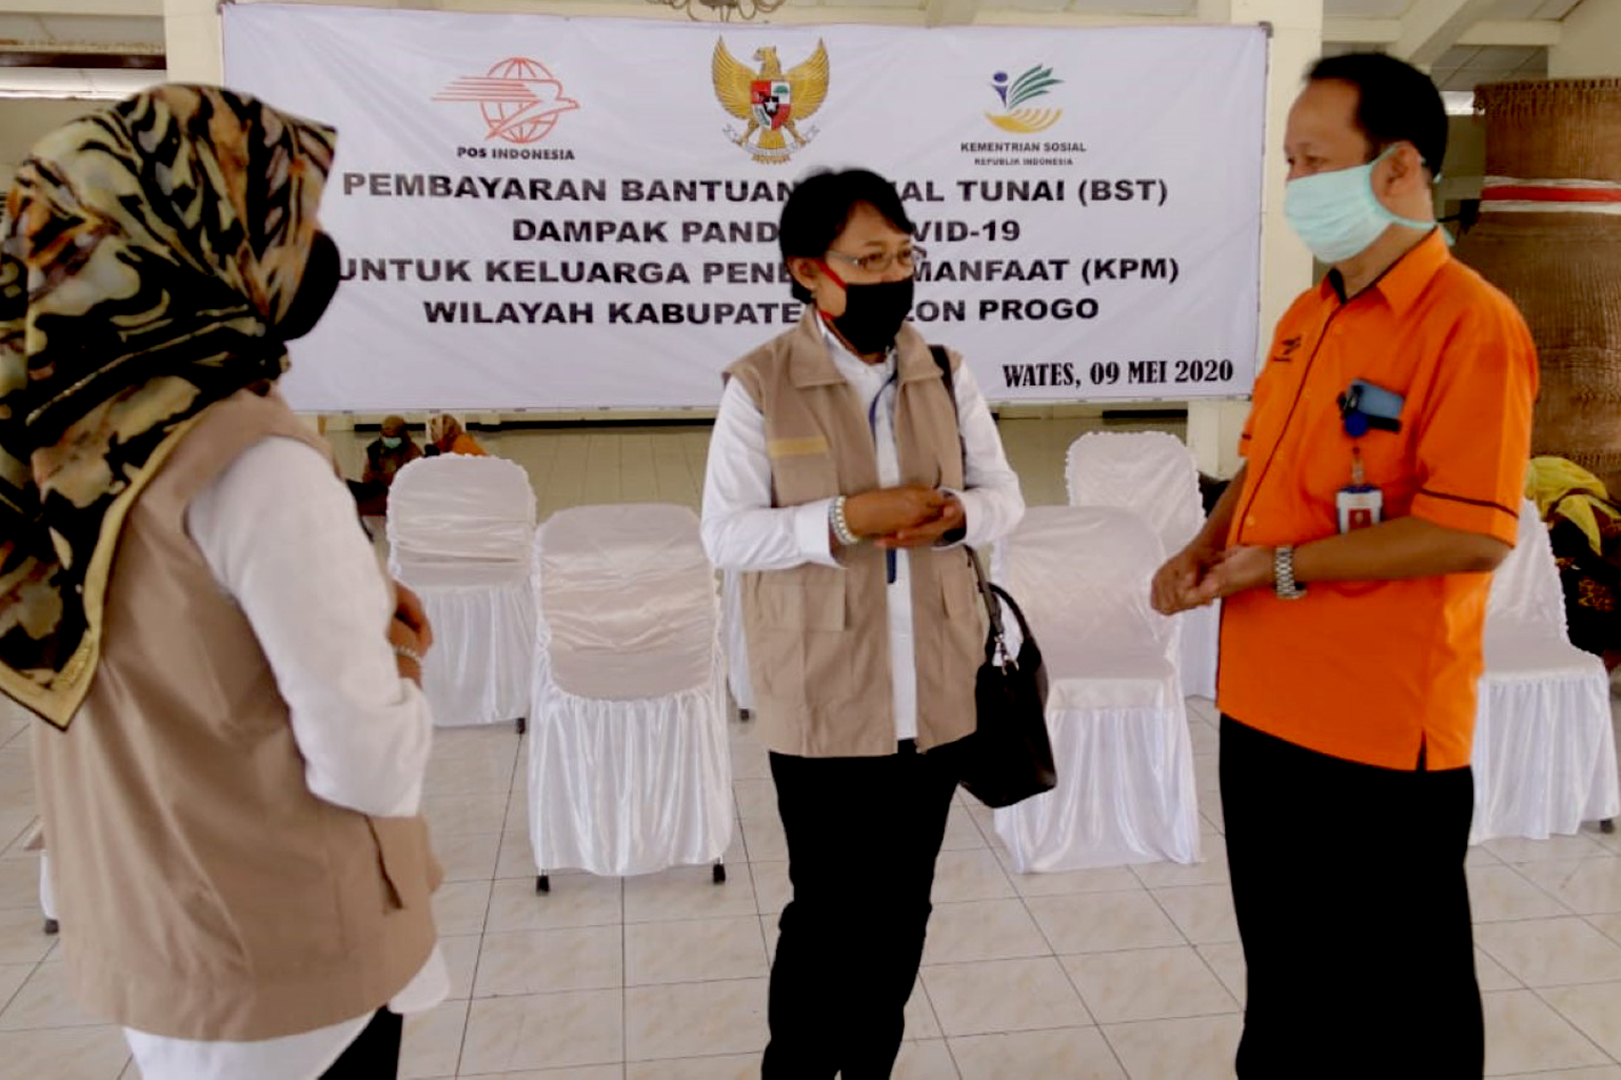 BBPPKS Yogyakarta Pantau Penyaluran Bansos di Wates, Kulon Progo